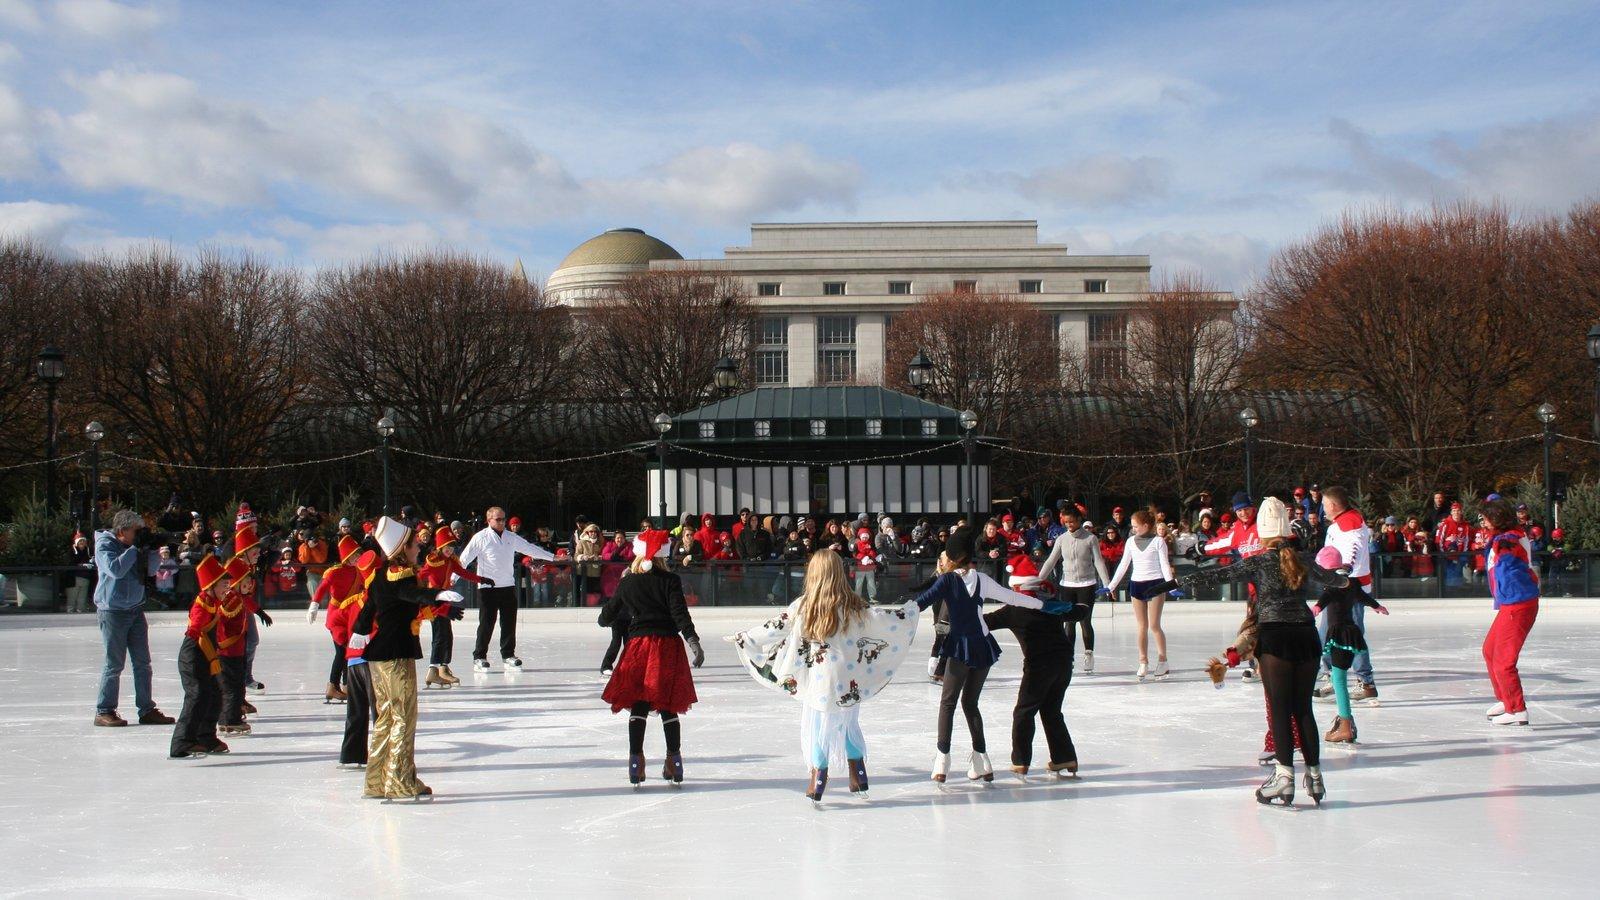 National Gallery of Art que inclui patinação no gelo assim como um pequeno grupo de pessoas